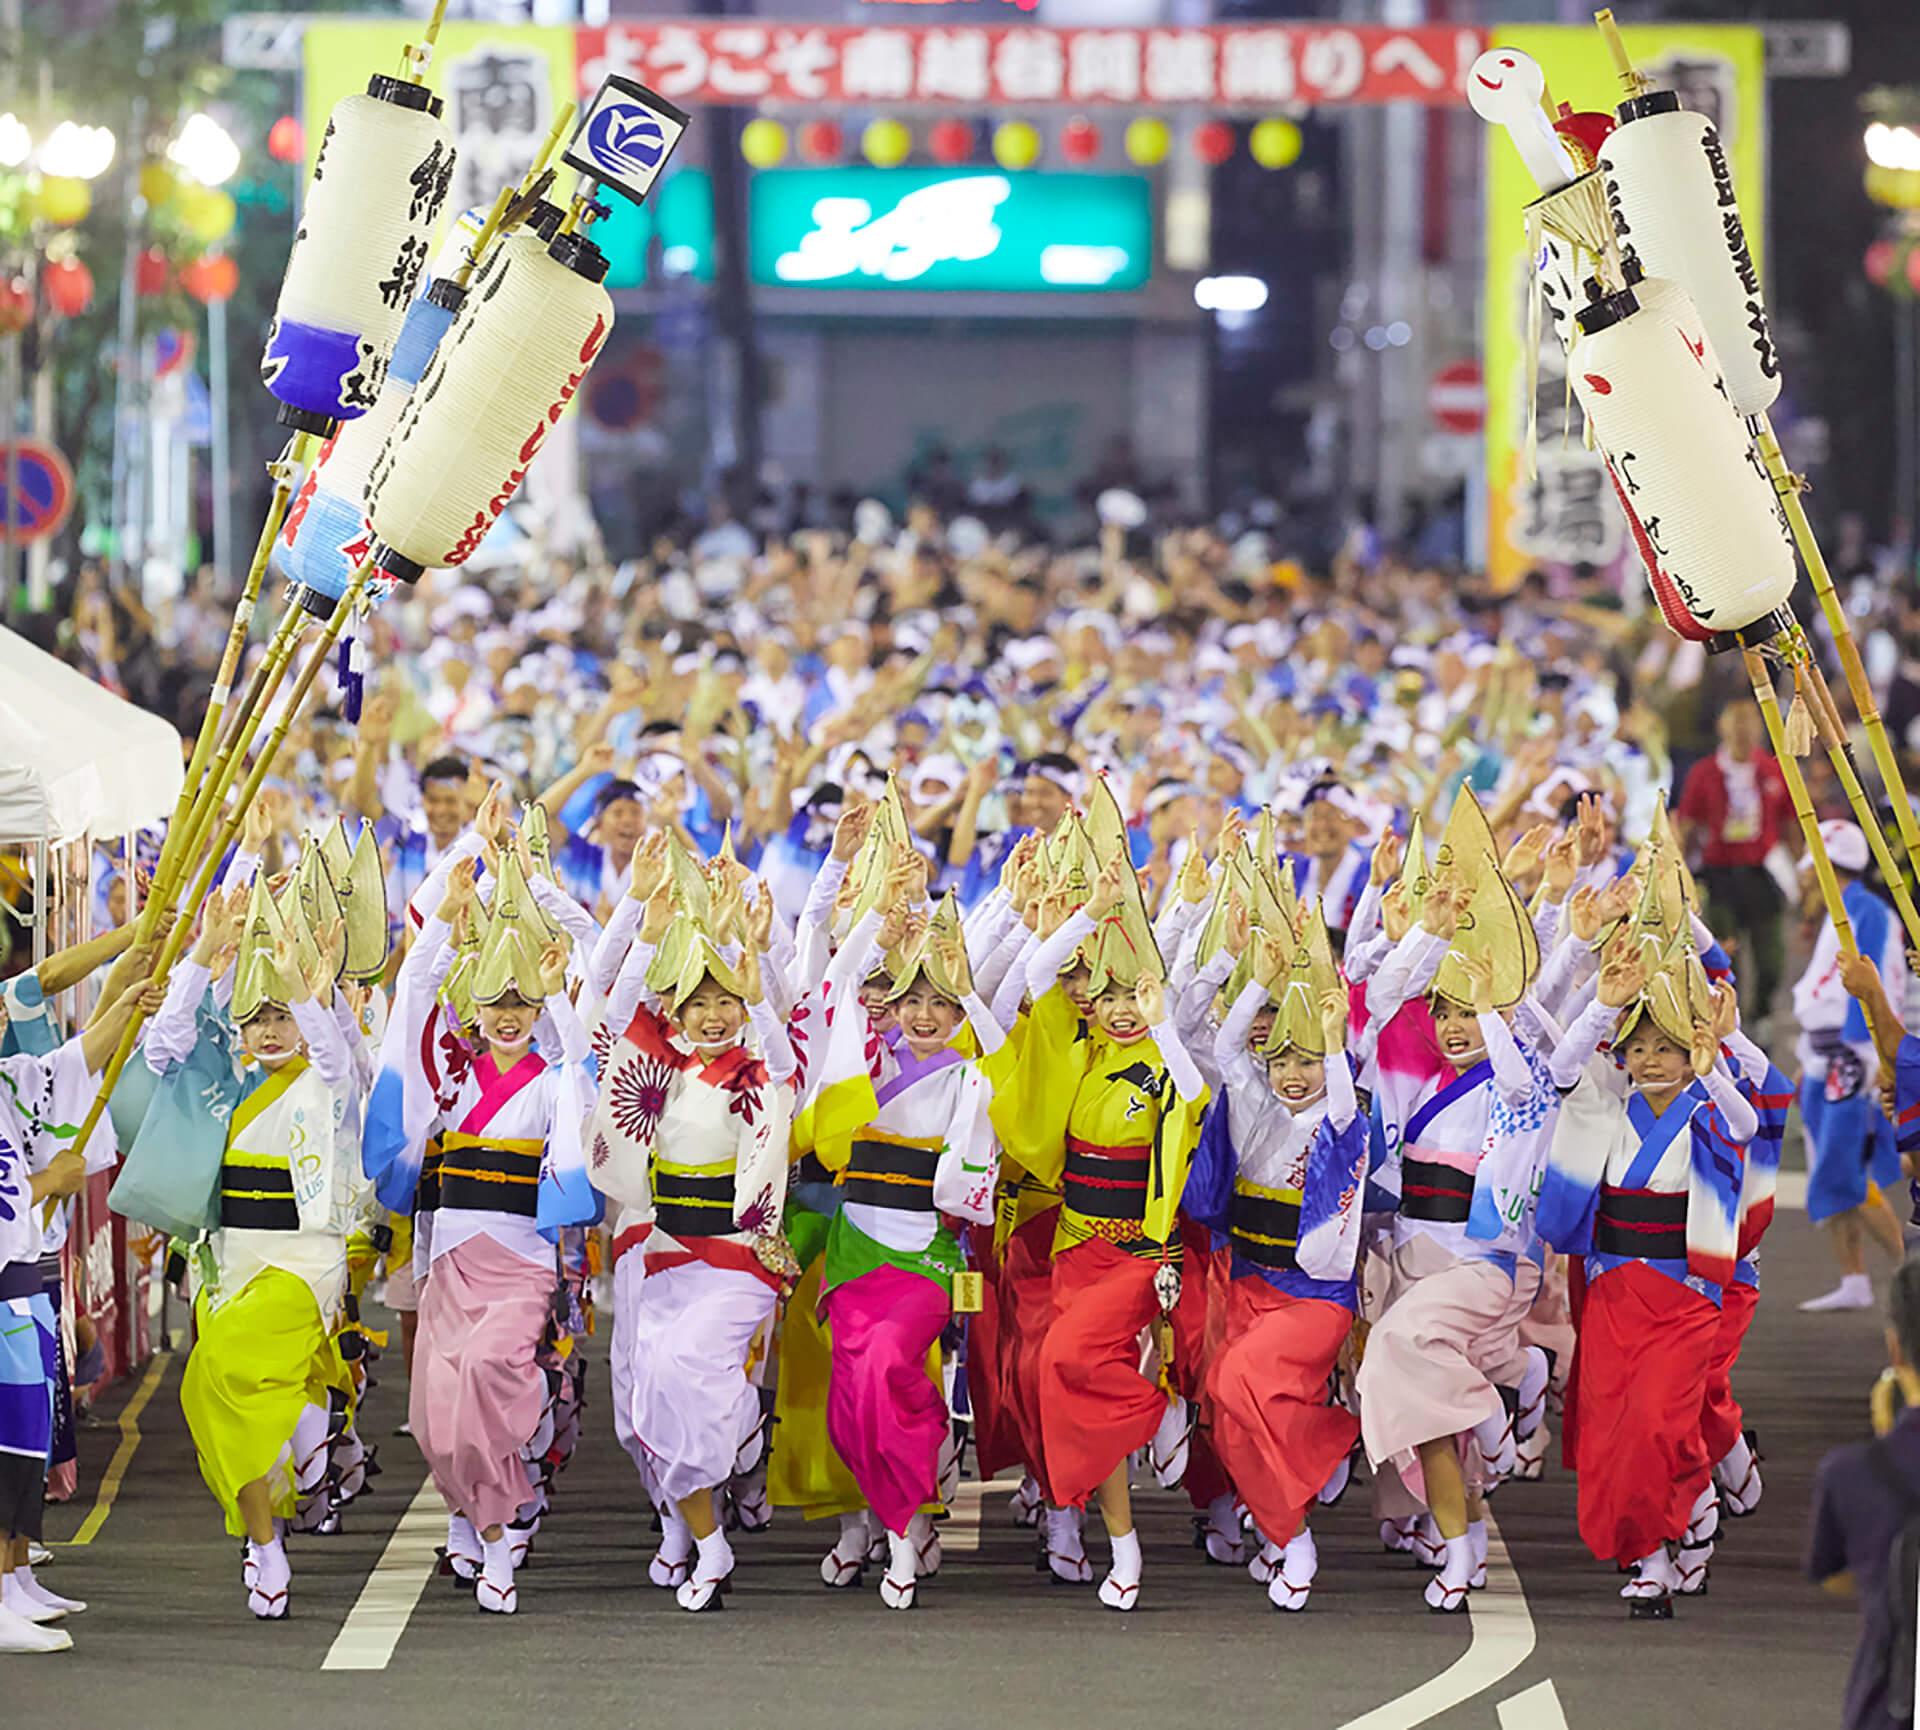 35回南越谷阿波踊りのイメージ写真。街中を踊り歩くシーンです